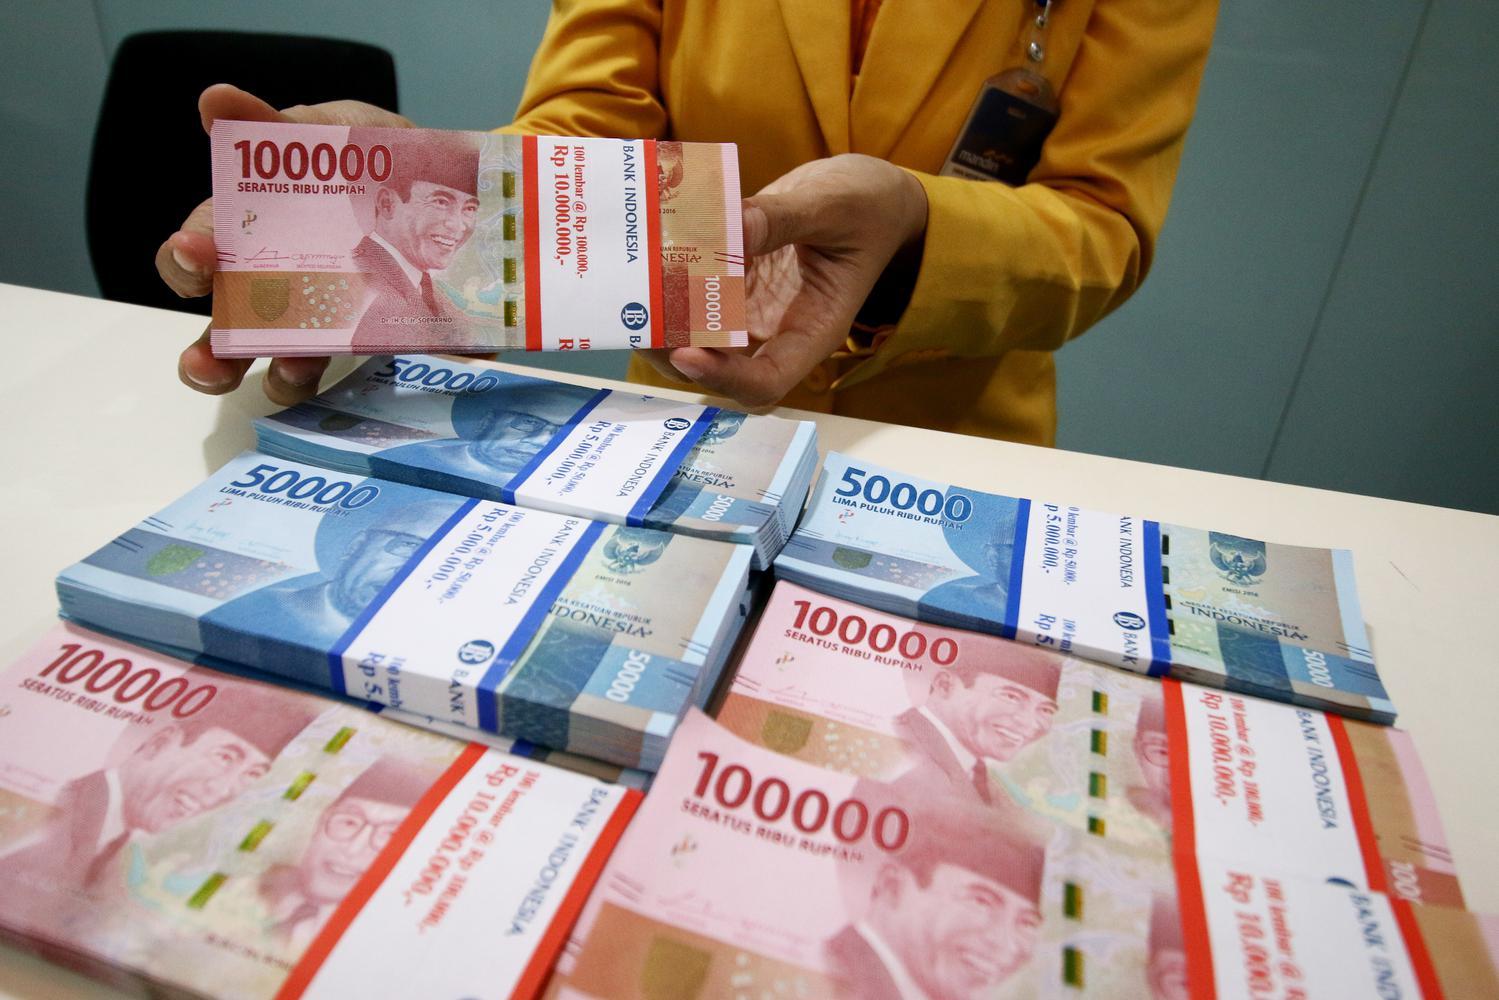 SMMA Suntik Modal Usaha TI, Entitas Sinar Mas Group Rilis Obligasi Rp 705 M - Keuangan Katadata.co.id